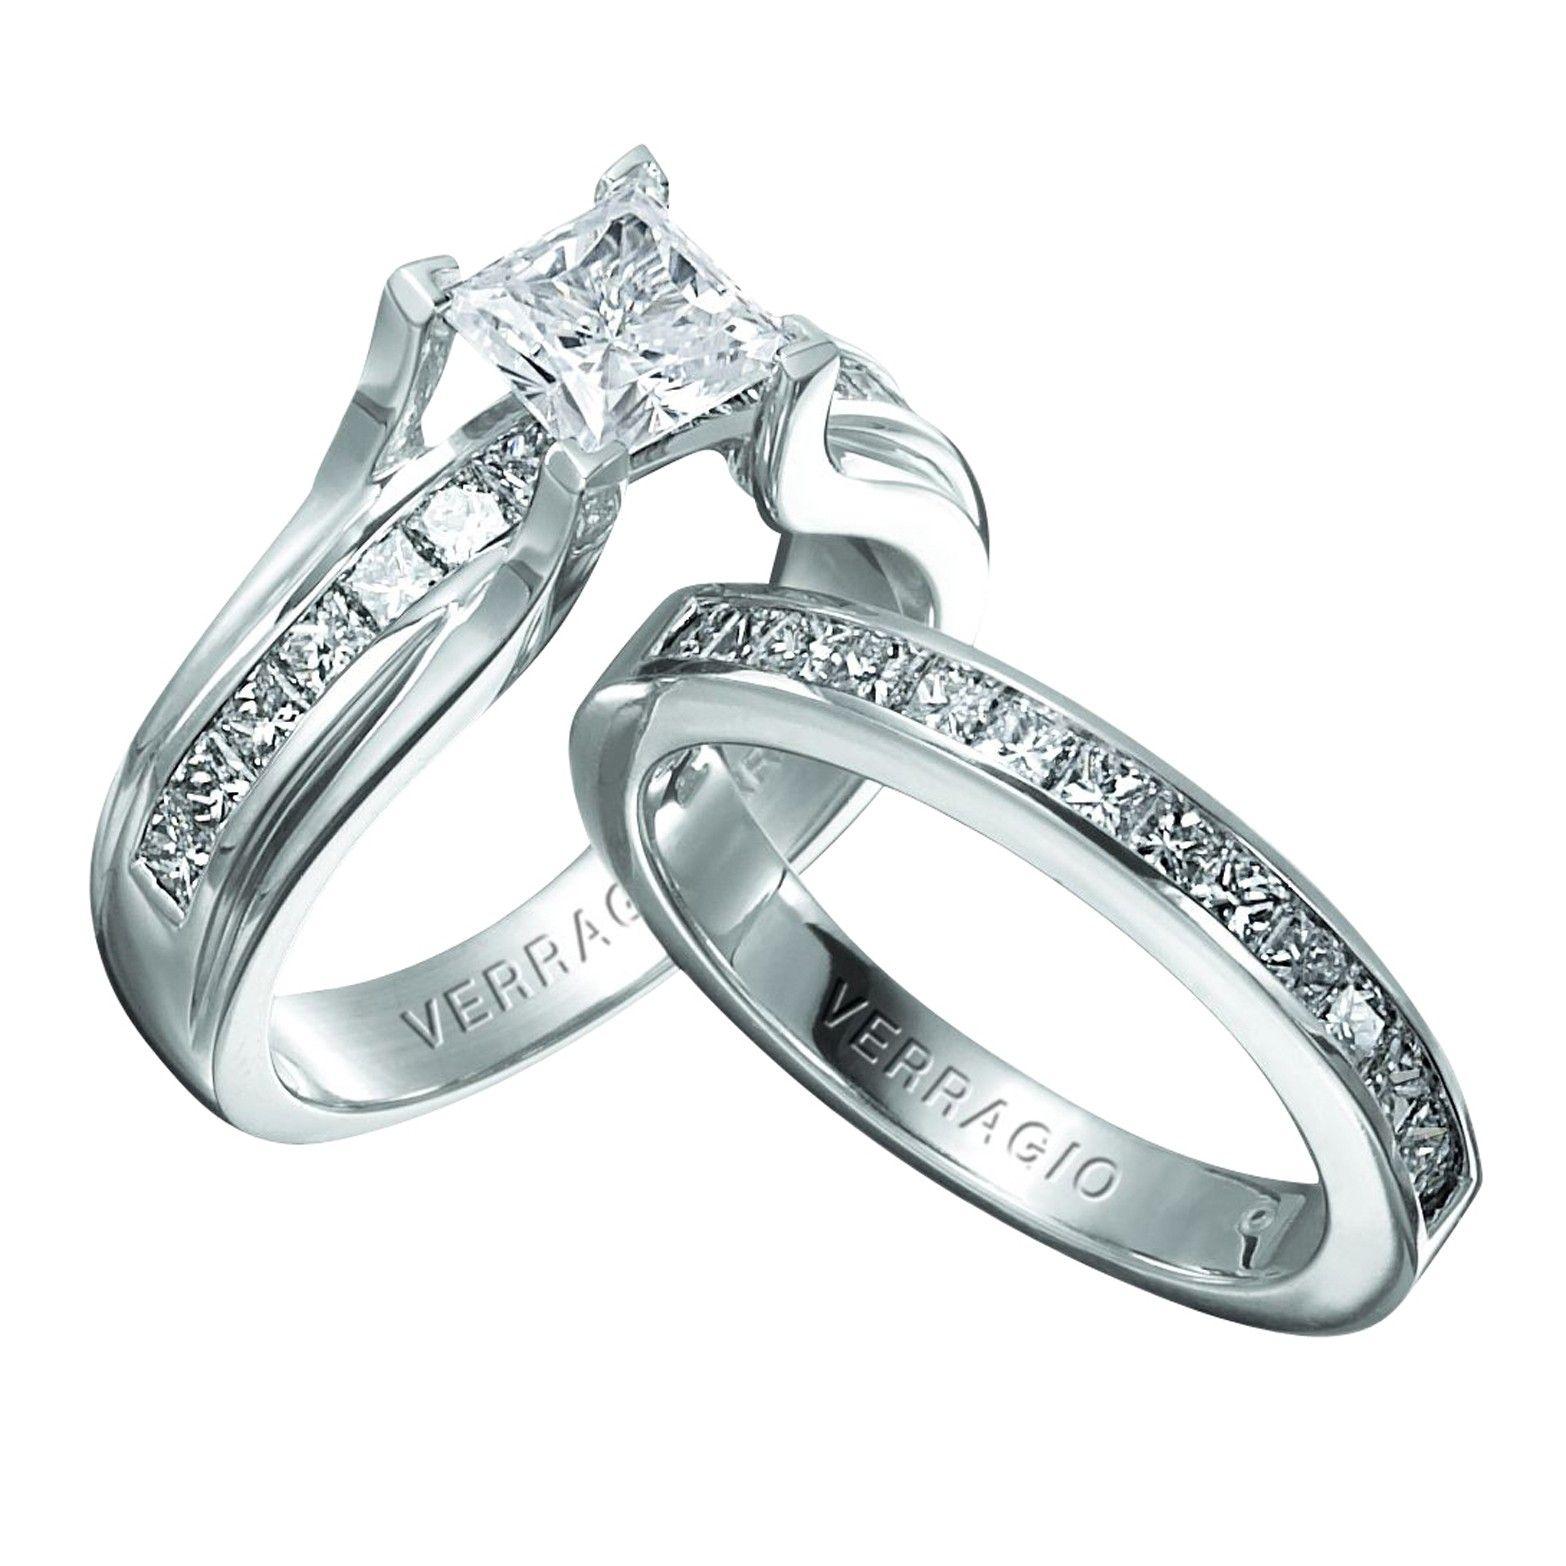 Platinum Verragio Clico 0069p Engagement Ring